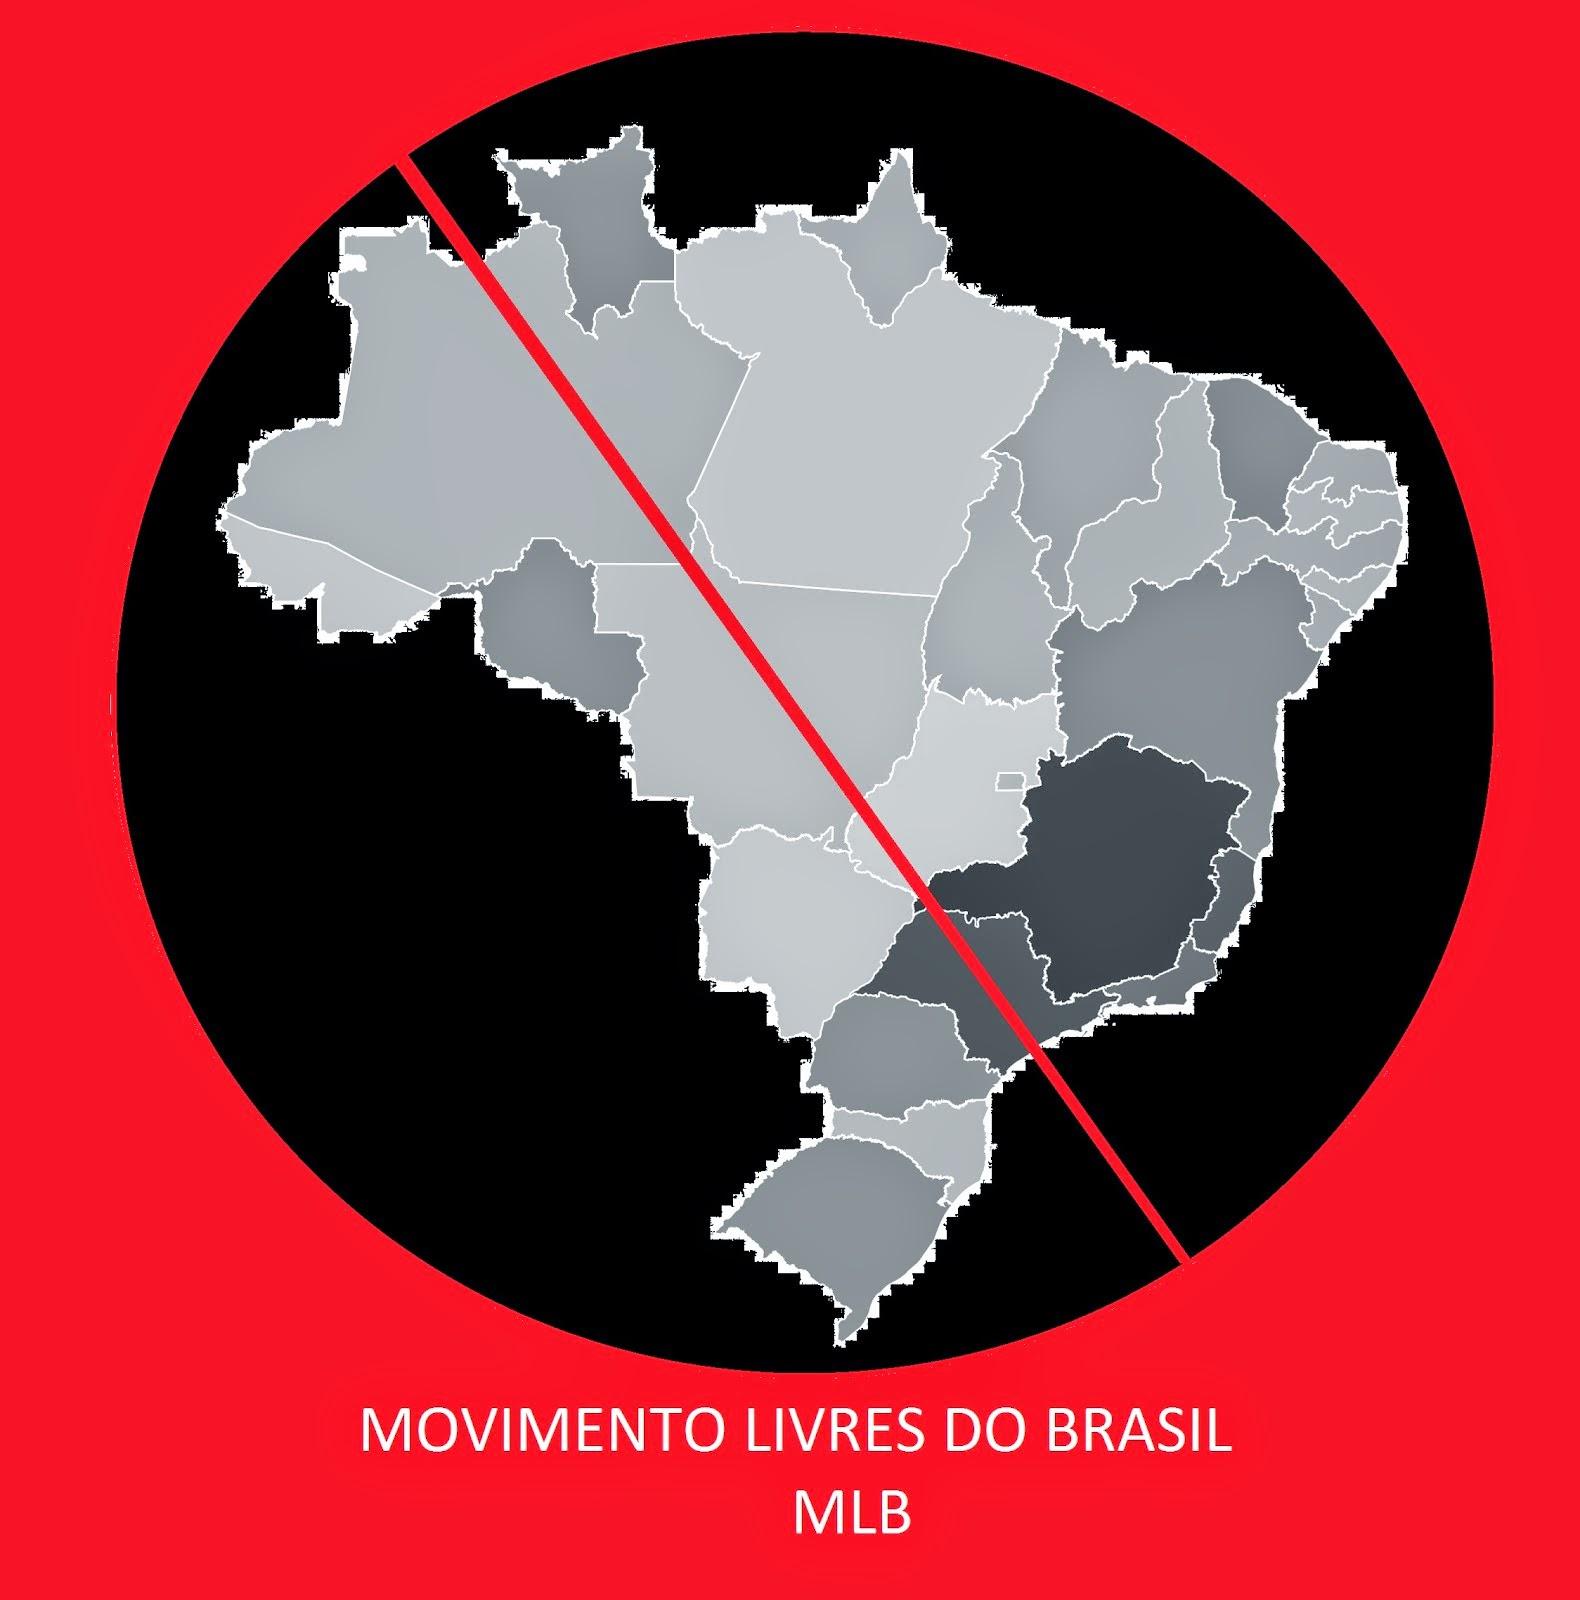 Movimento Livres do Brasil